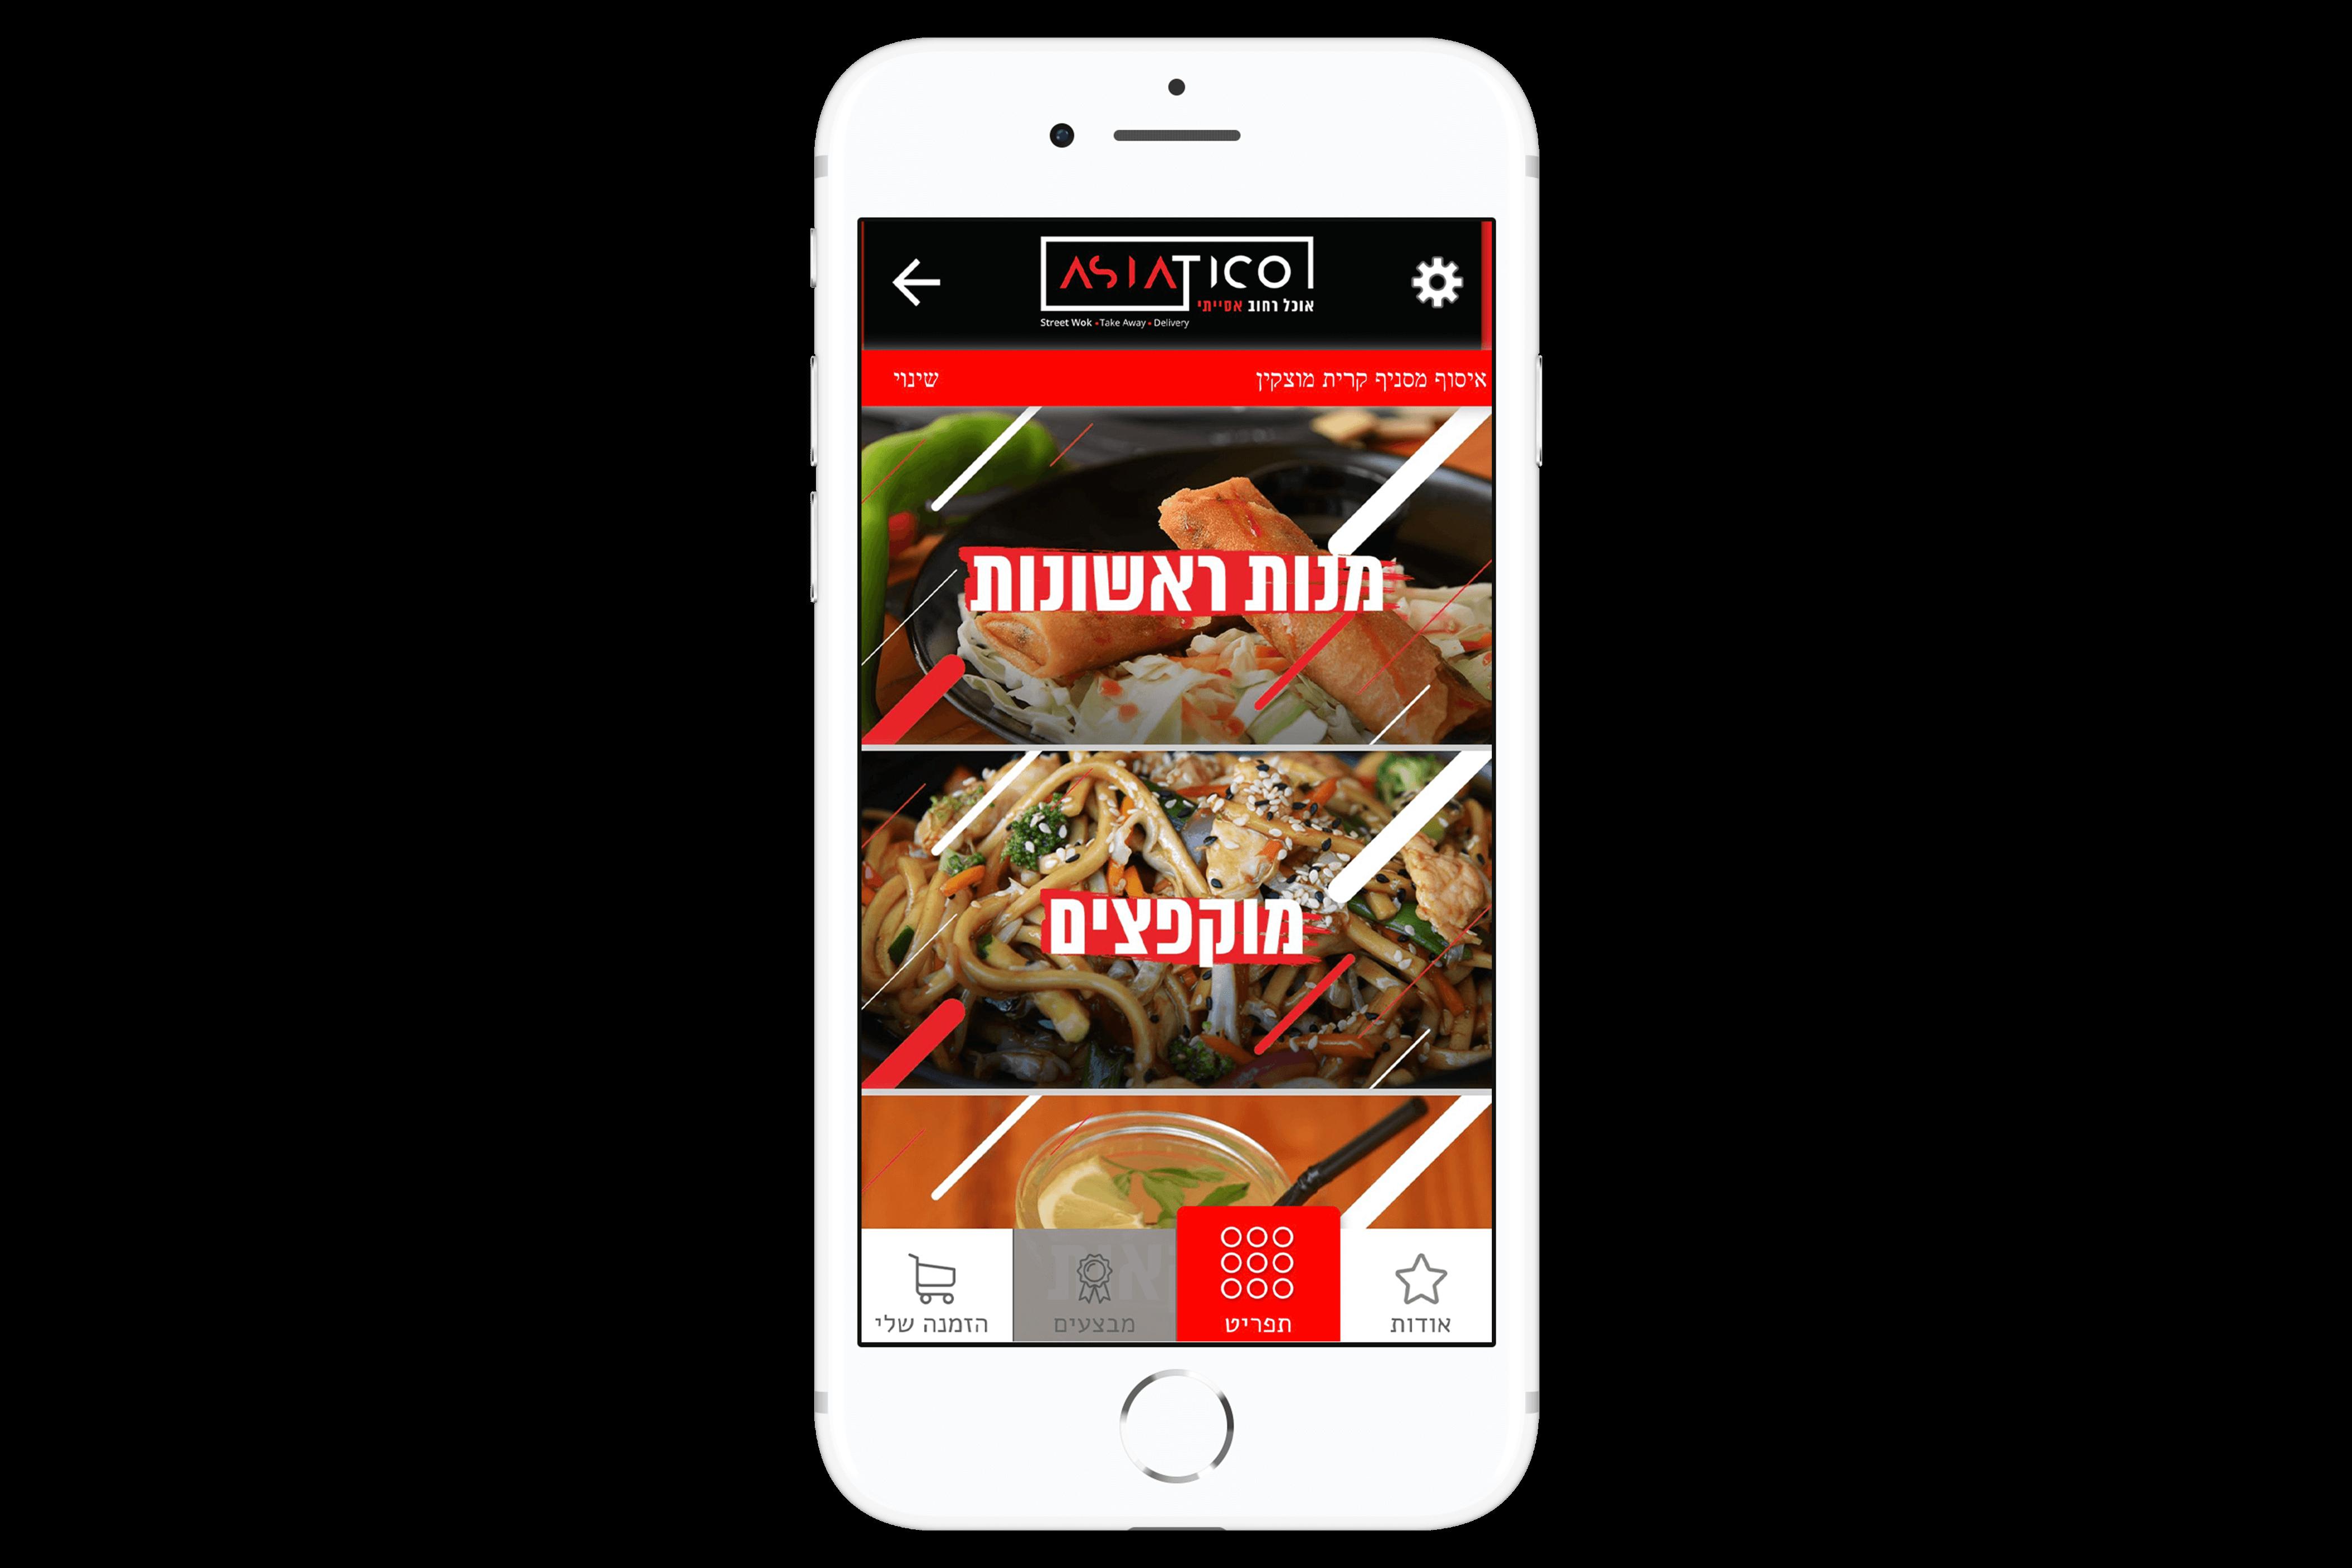 אפליקציית הזמנות של מסעדת אסייתיקו מבין הלקוחות שלנו